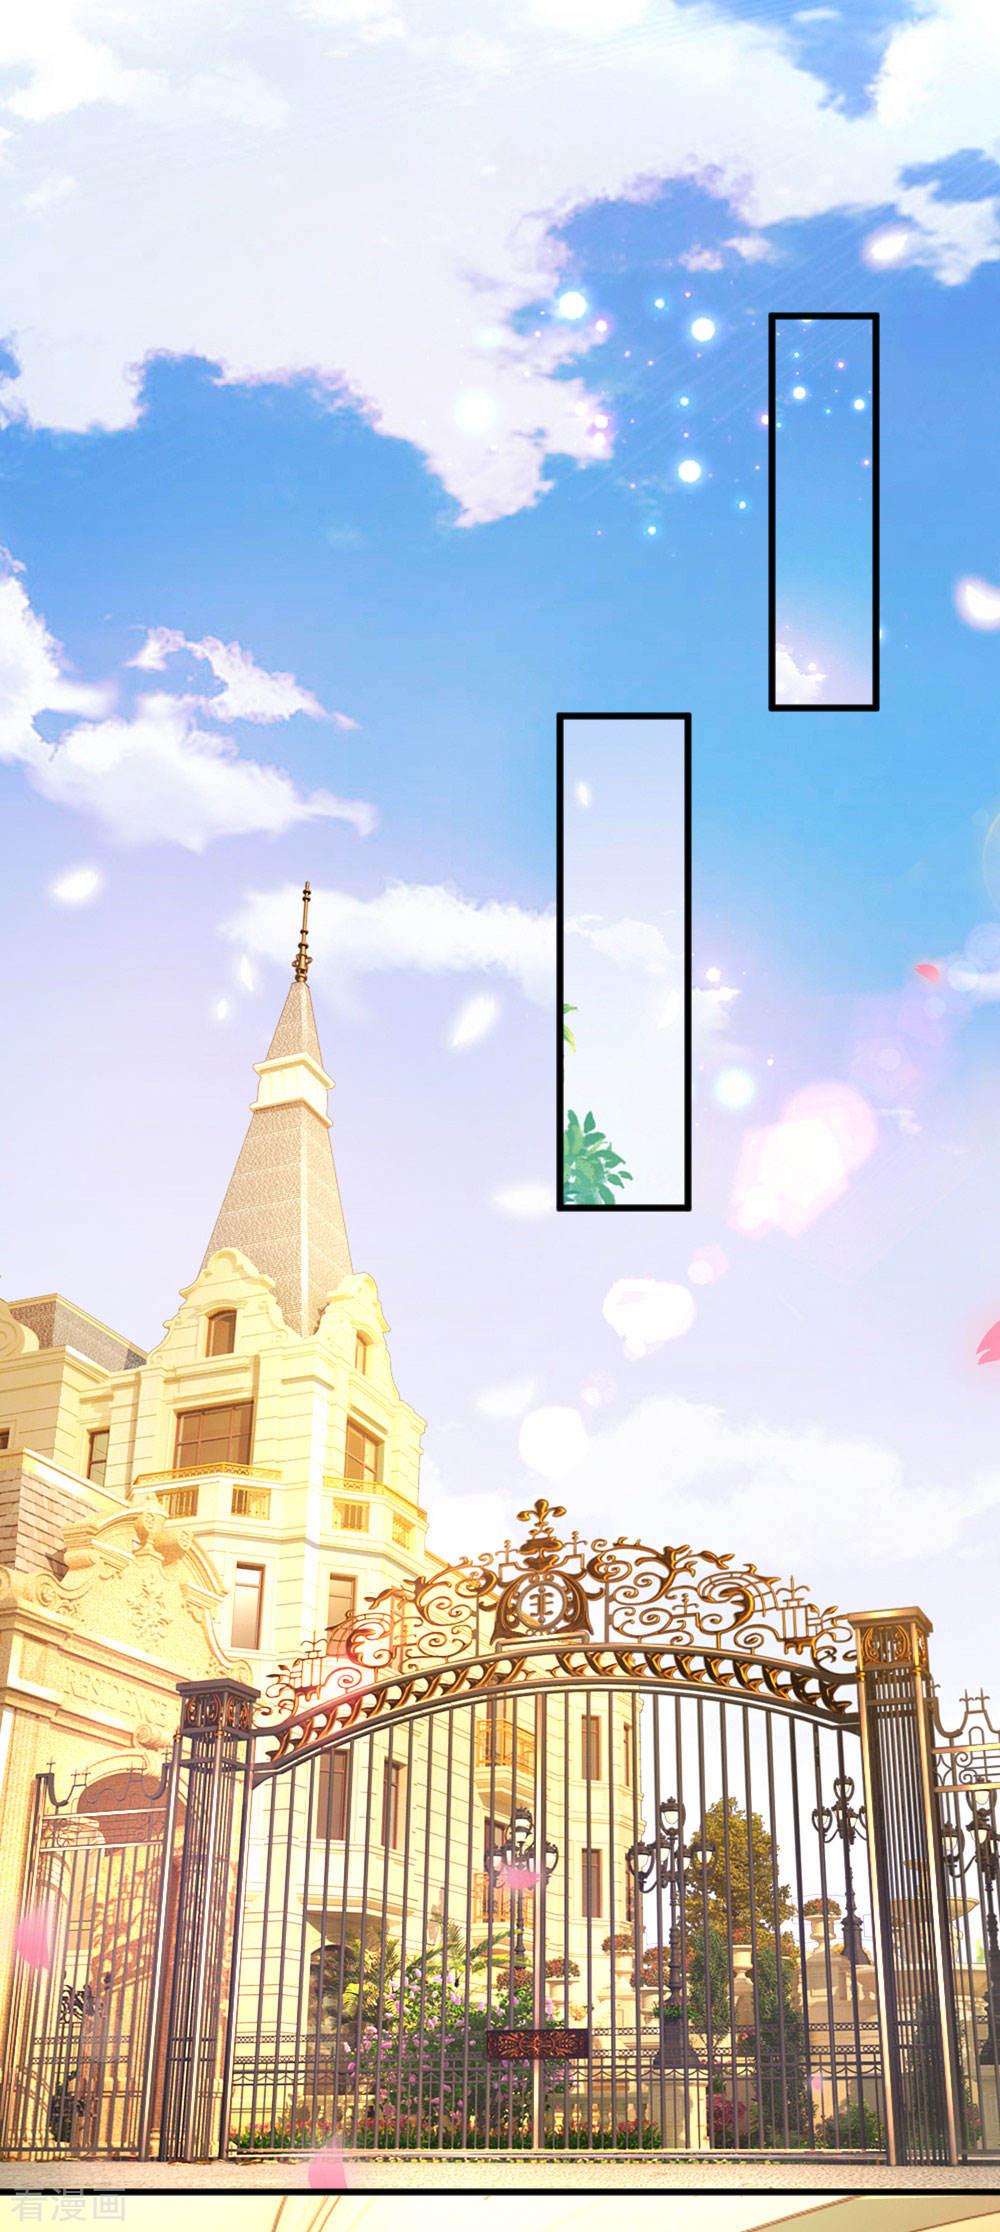 重生之影后謀略漫畫第191回(26P)(第1頁)劇情-二次元動漫